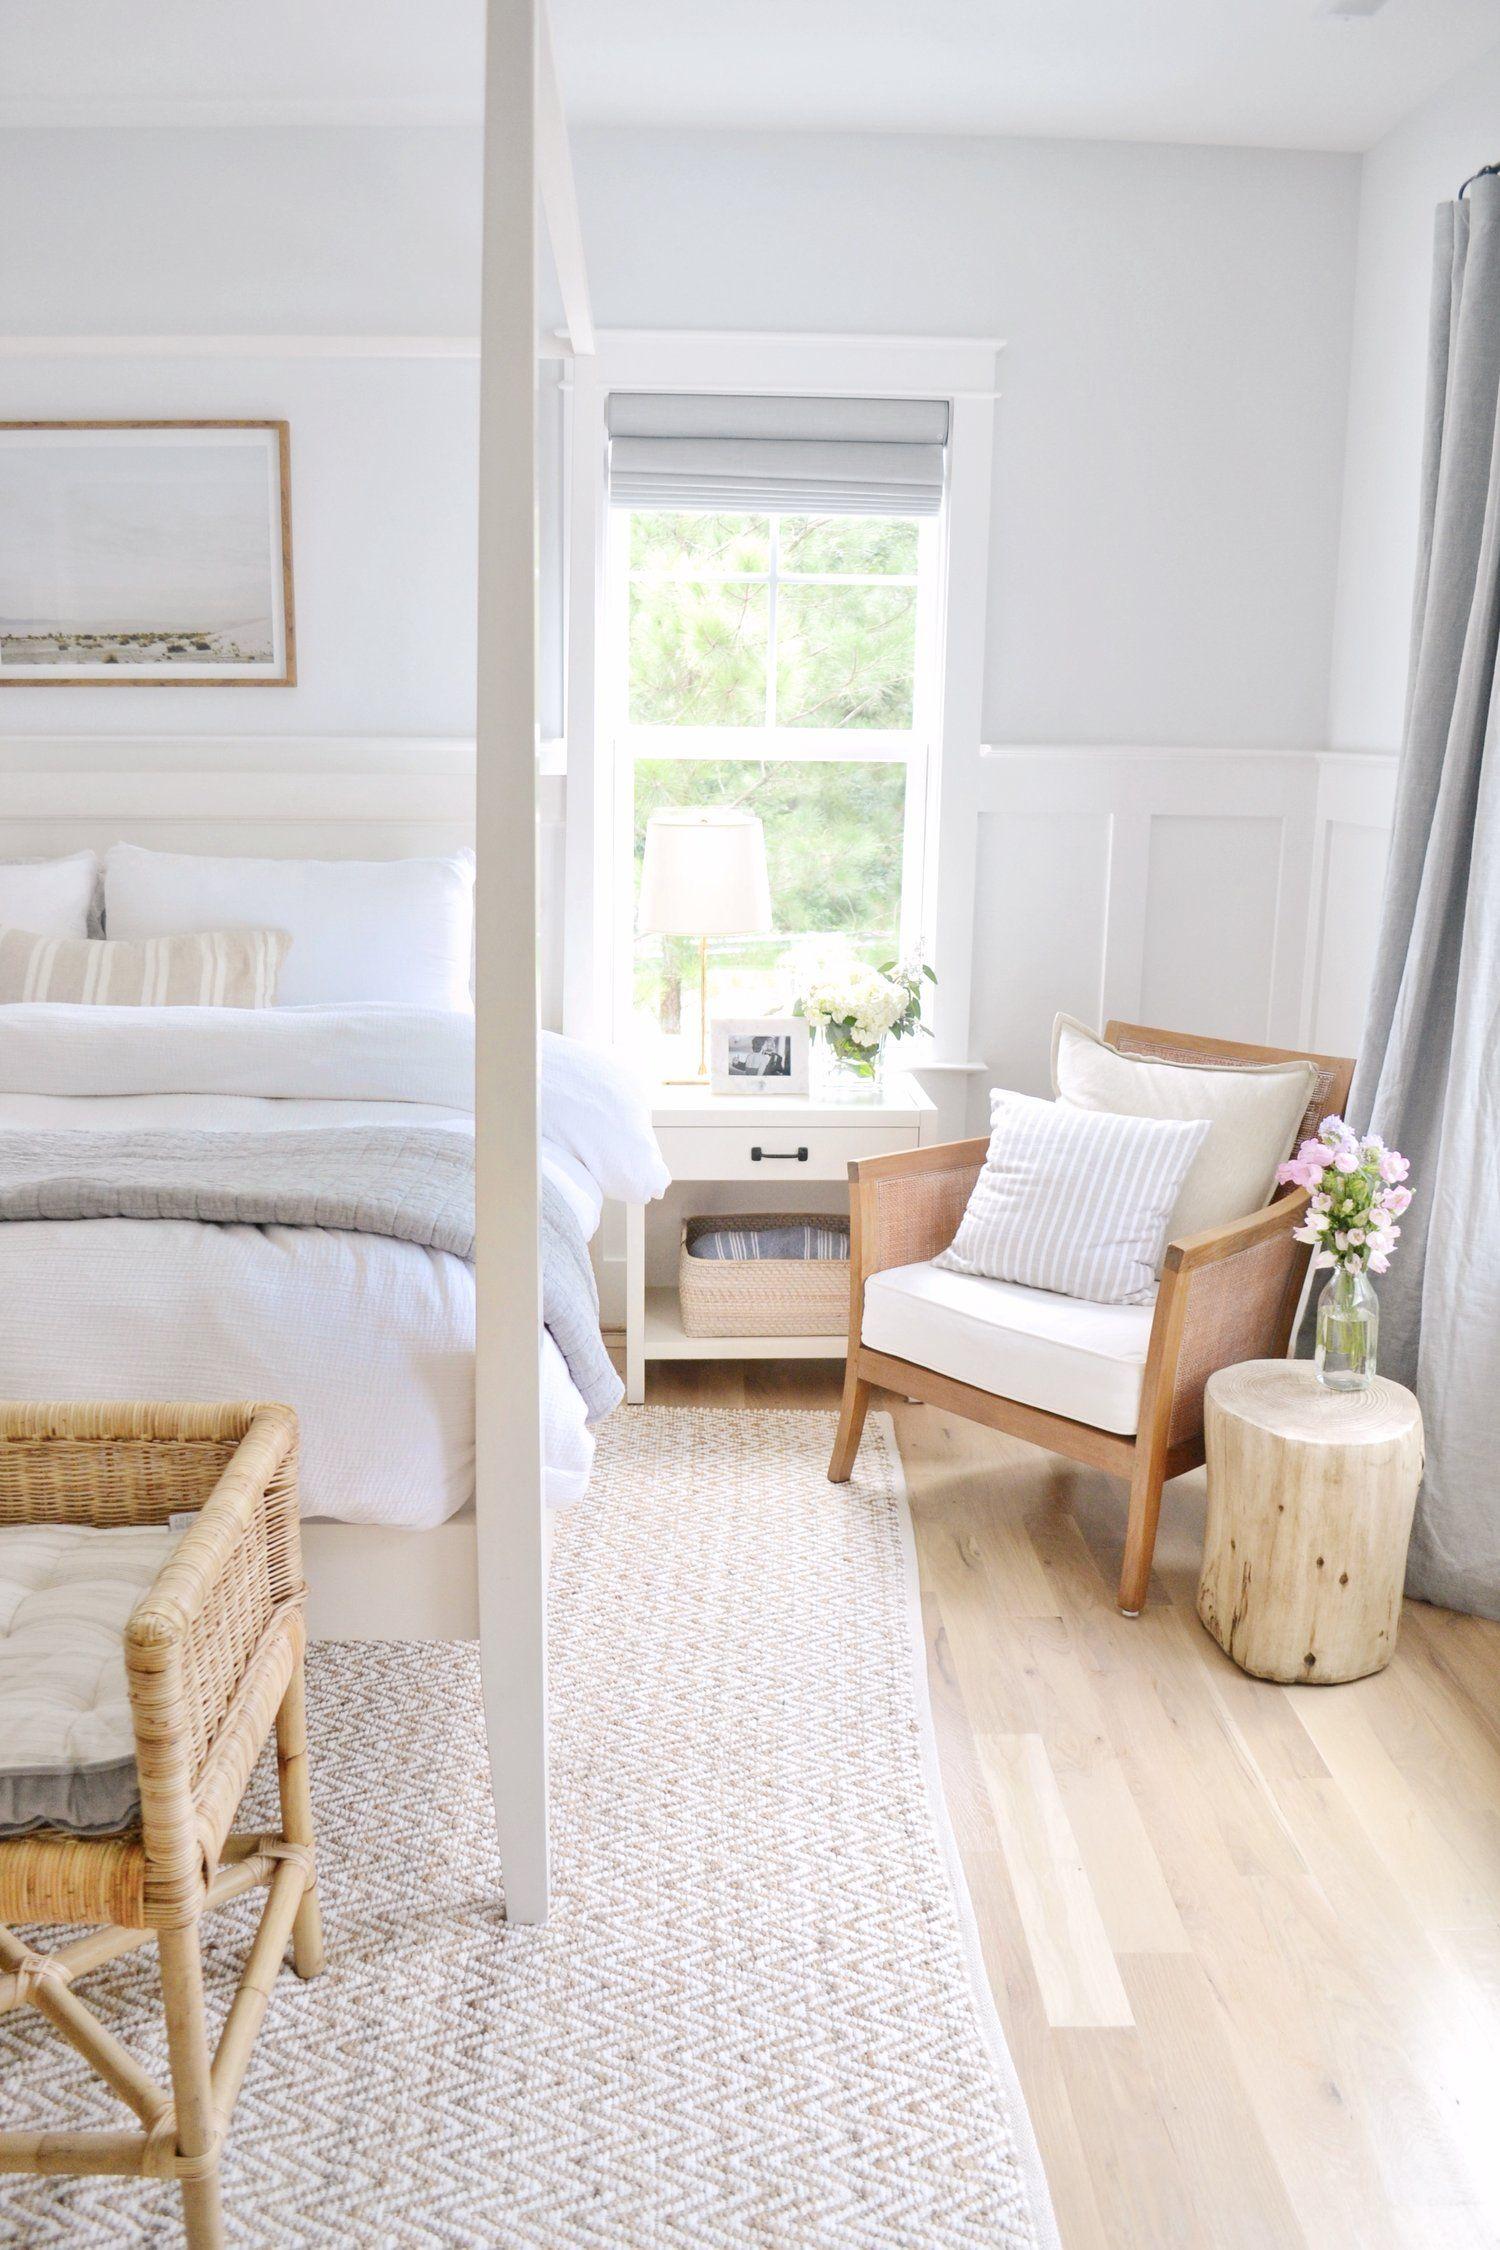 A Relaxing Master Bedroom Relaxing Master Bedroom Zen Bedroom Bedroom Design